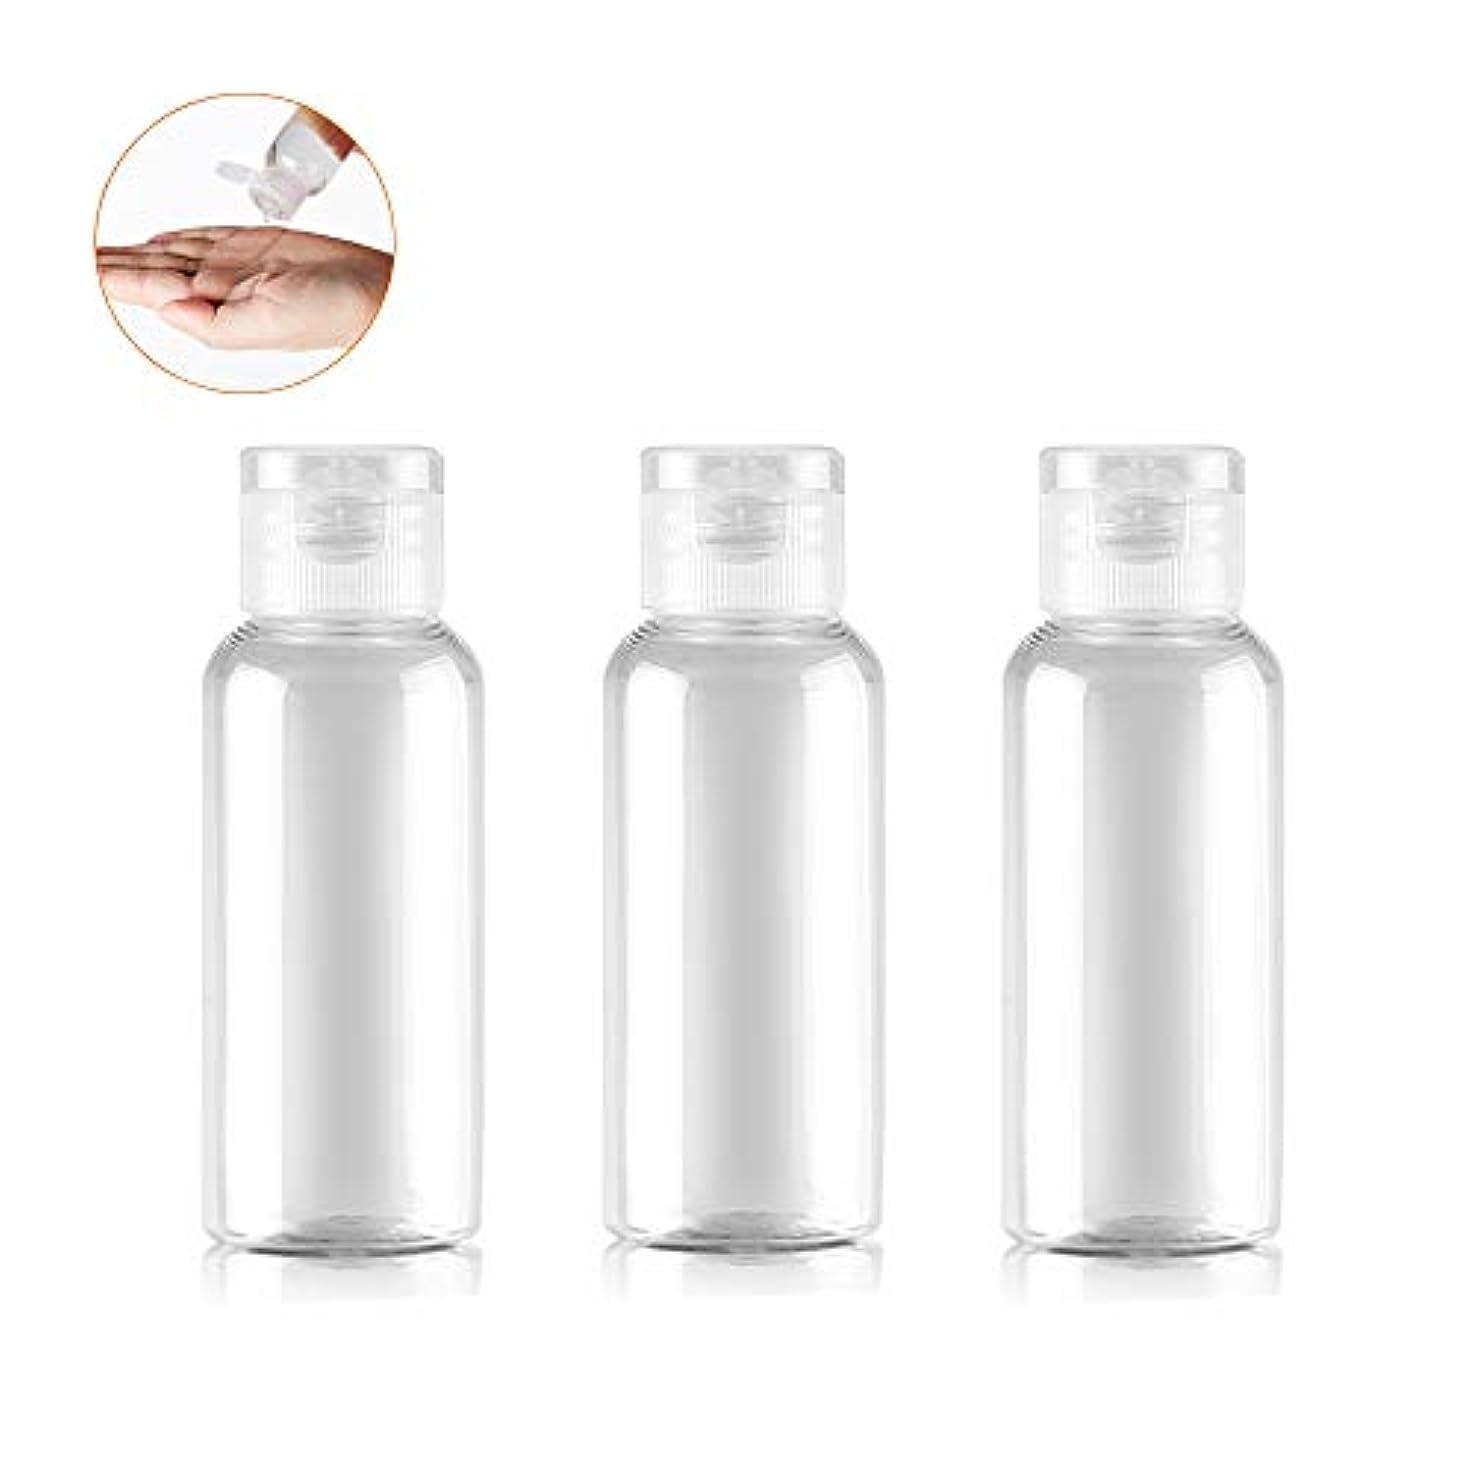 要求する住所拳小分けボトル トラベルボトル 3本セット プッシュタイプ 小分け容器 化粧水 精製水 詰替ボトル 旅行用 (A)